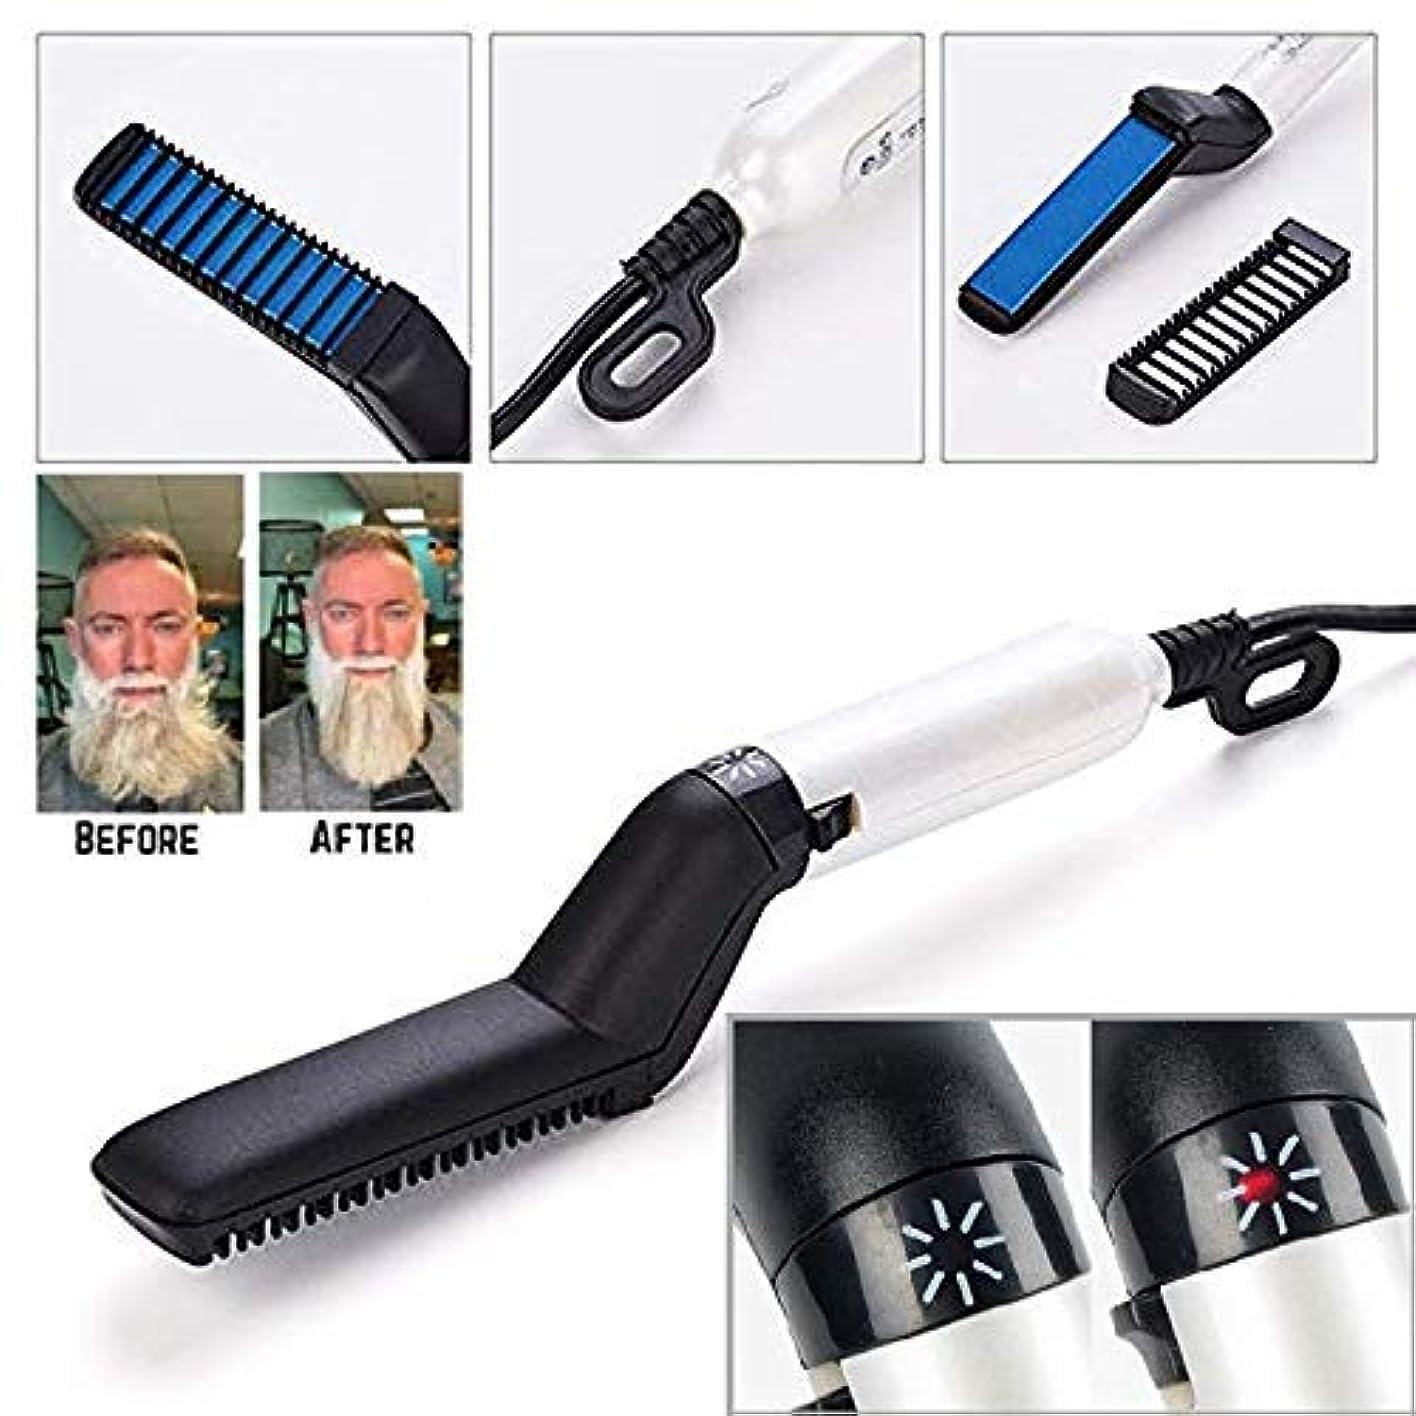 第五一貫した判定Multifunctional fast beard straightener straight hair styling comb [並行輸入品]